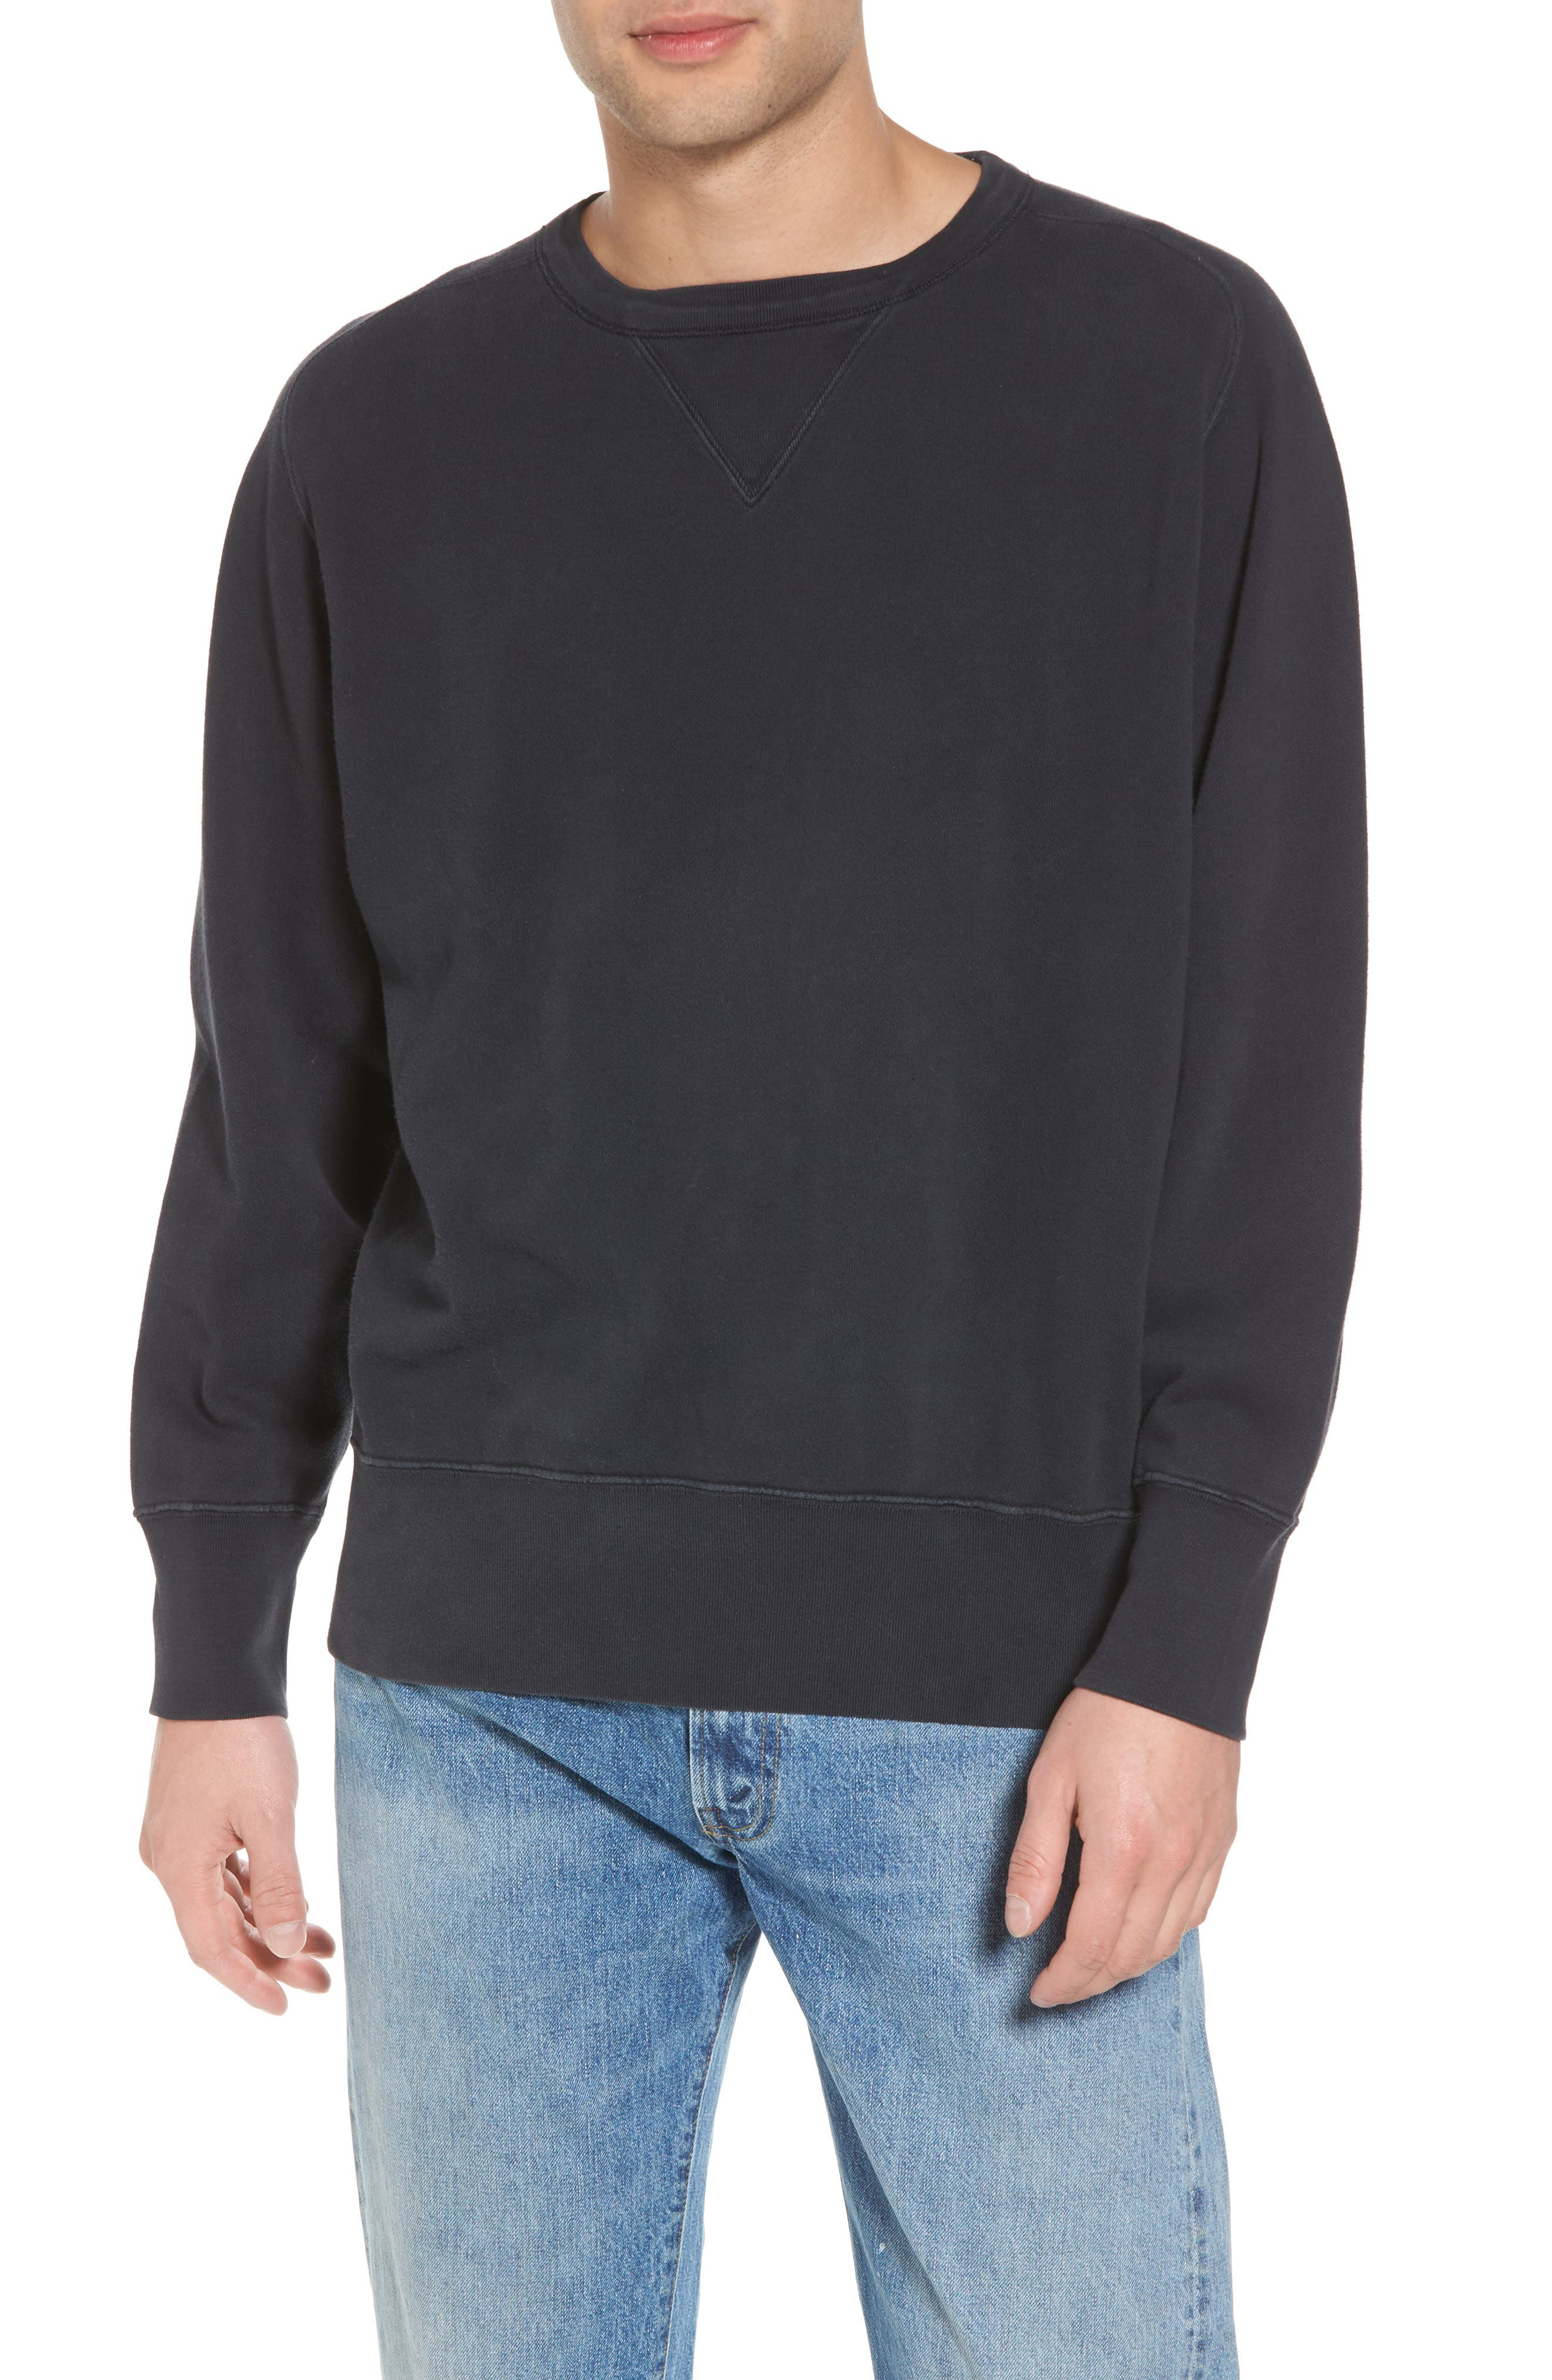 Bay Meadows Sweatshirt,                         Main,                         color, BLACK